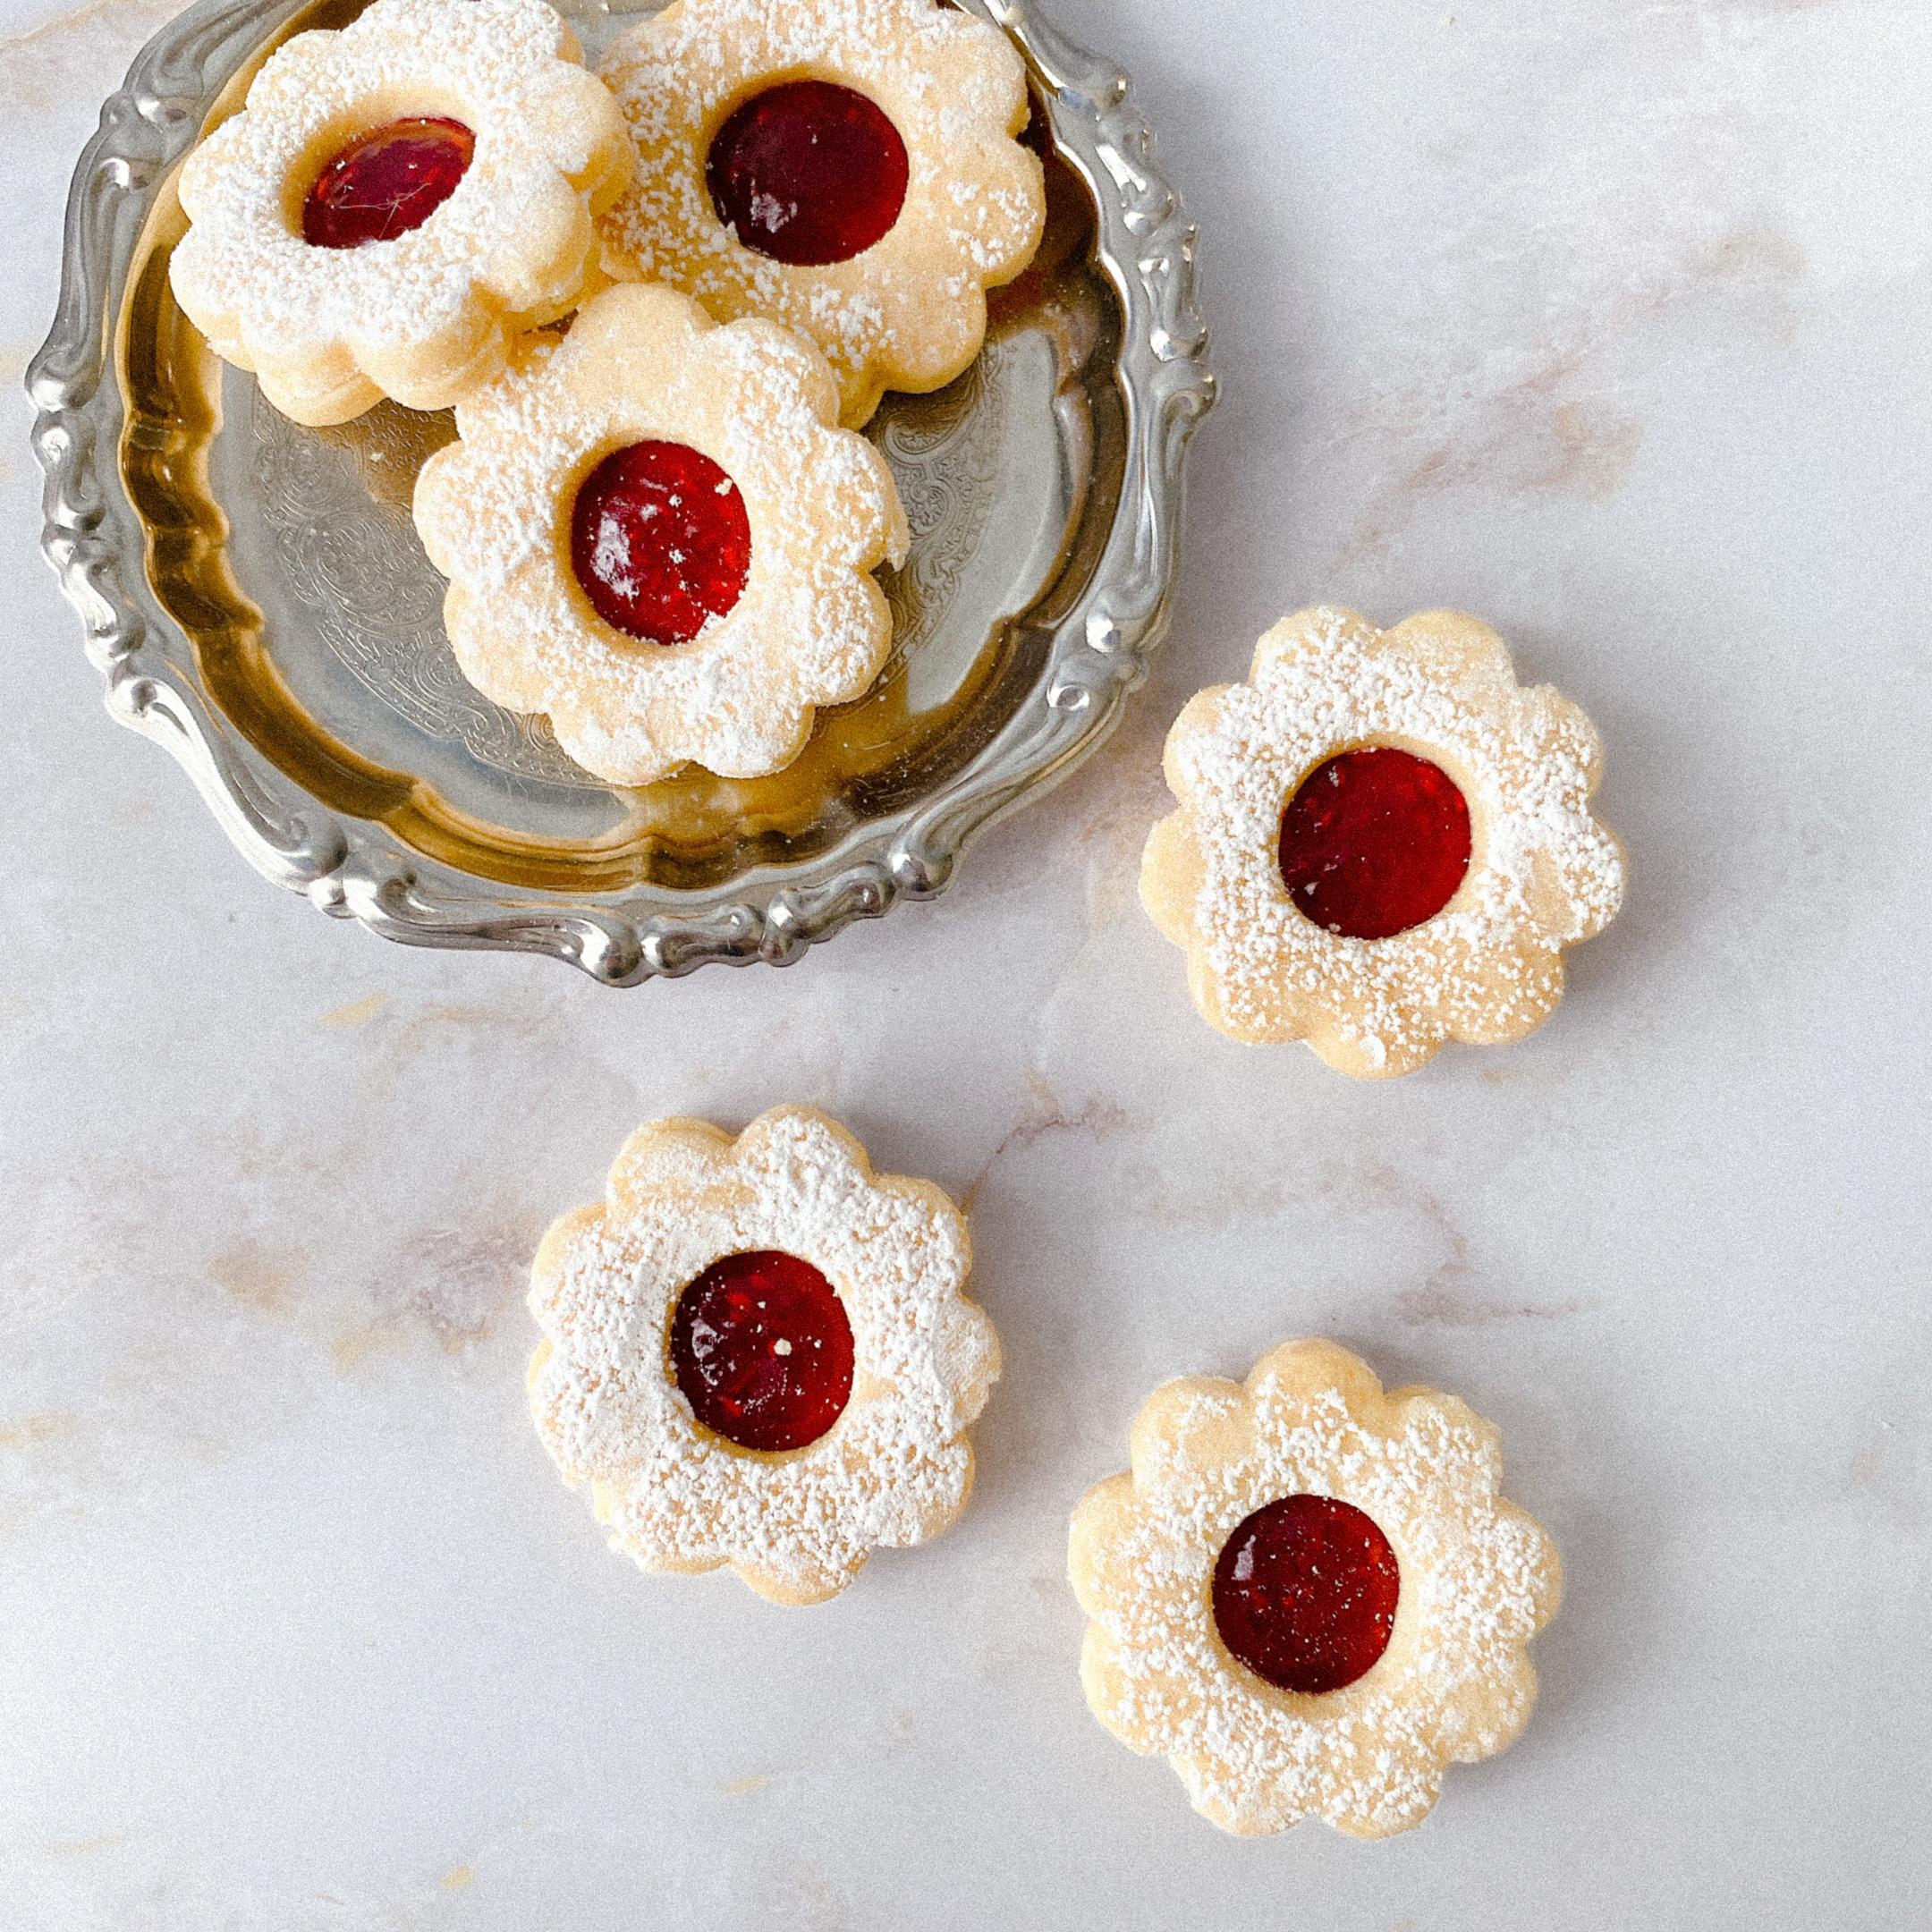 本店でしか手に入らない! マールブランシュのお花型クッキー「手作りジャムのデザートクッキー」は、プレゼントにもおすすめ